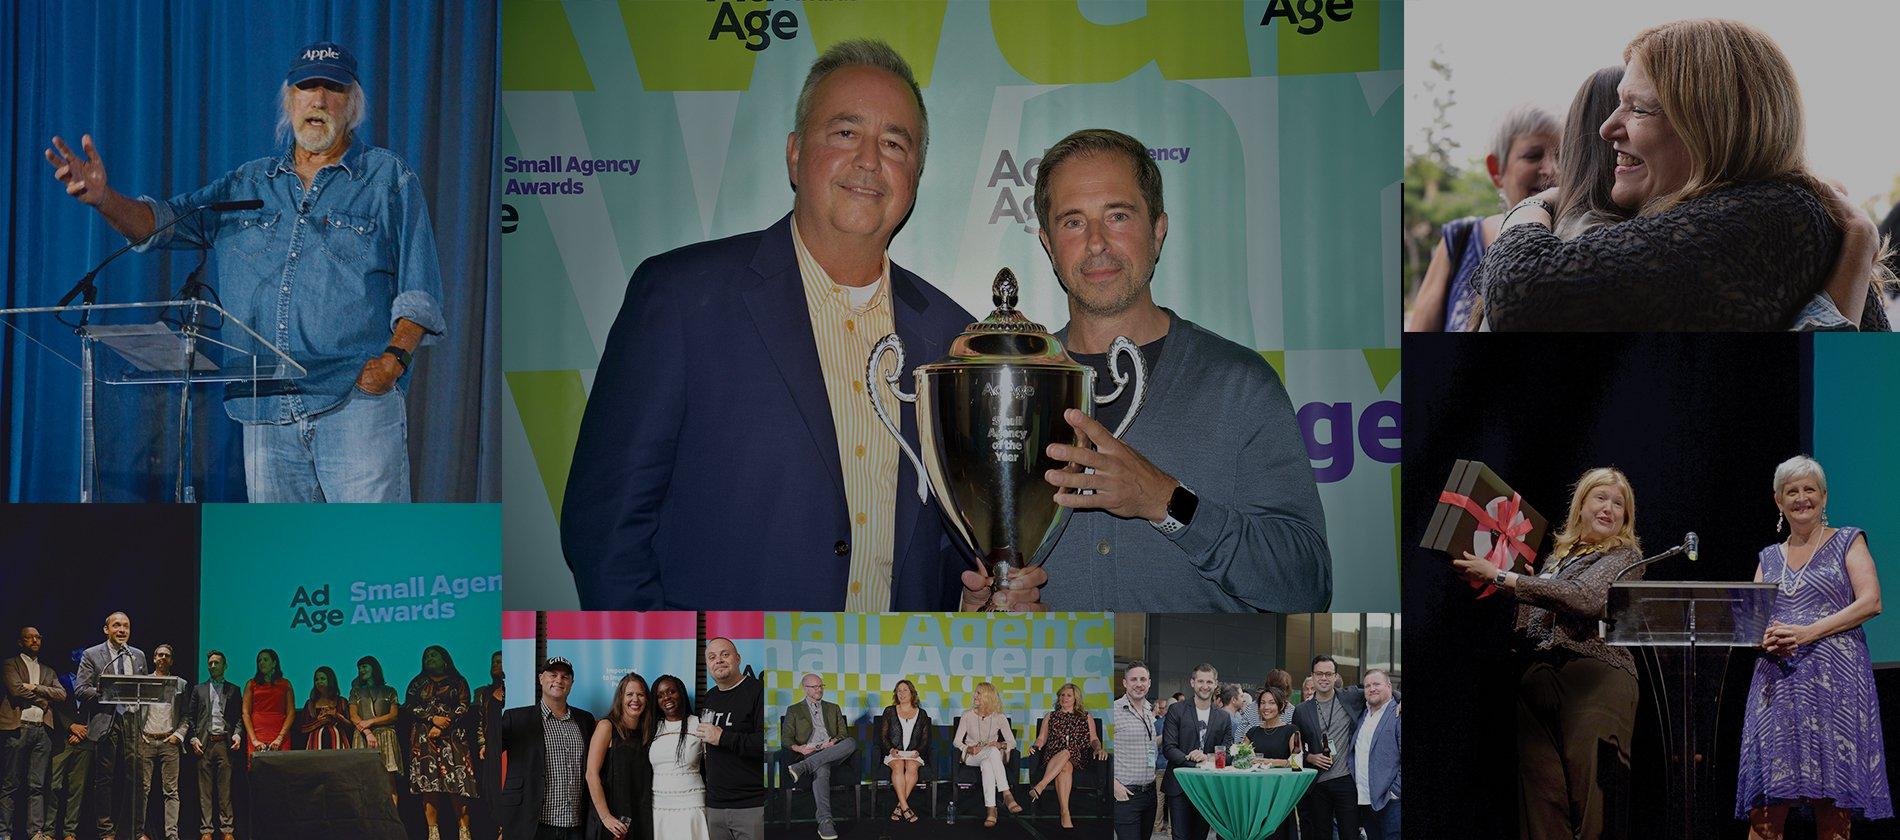 Ad Age Small Agency Awards 2018